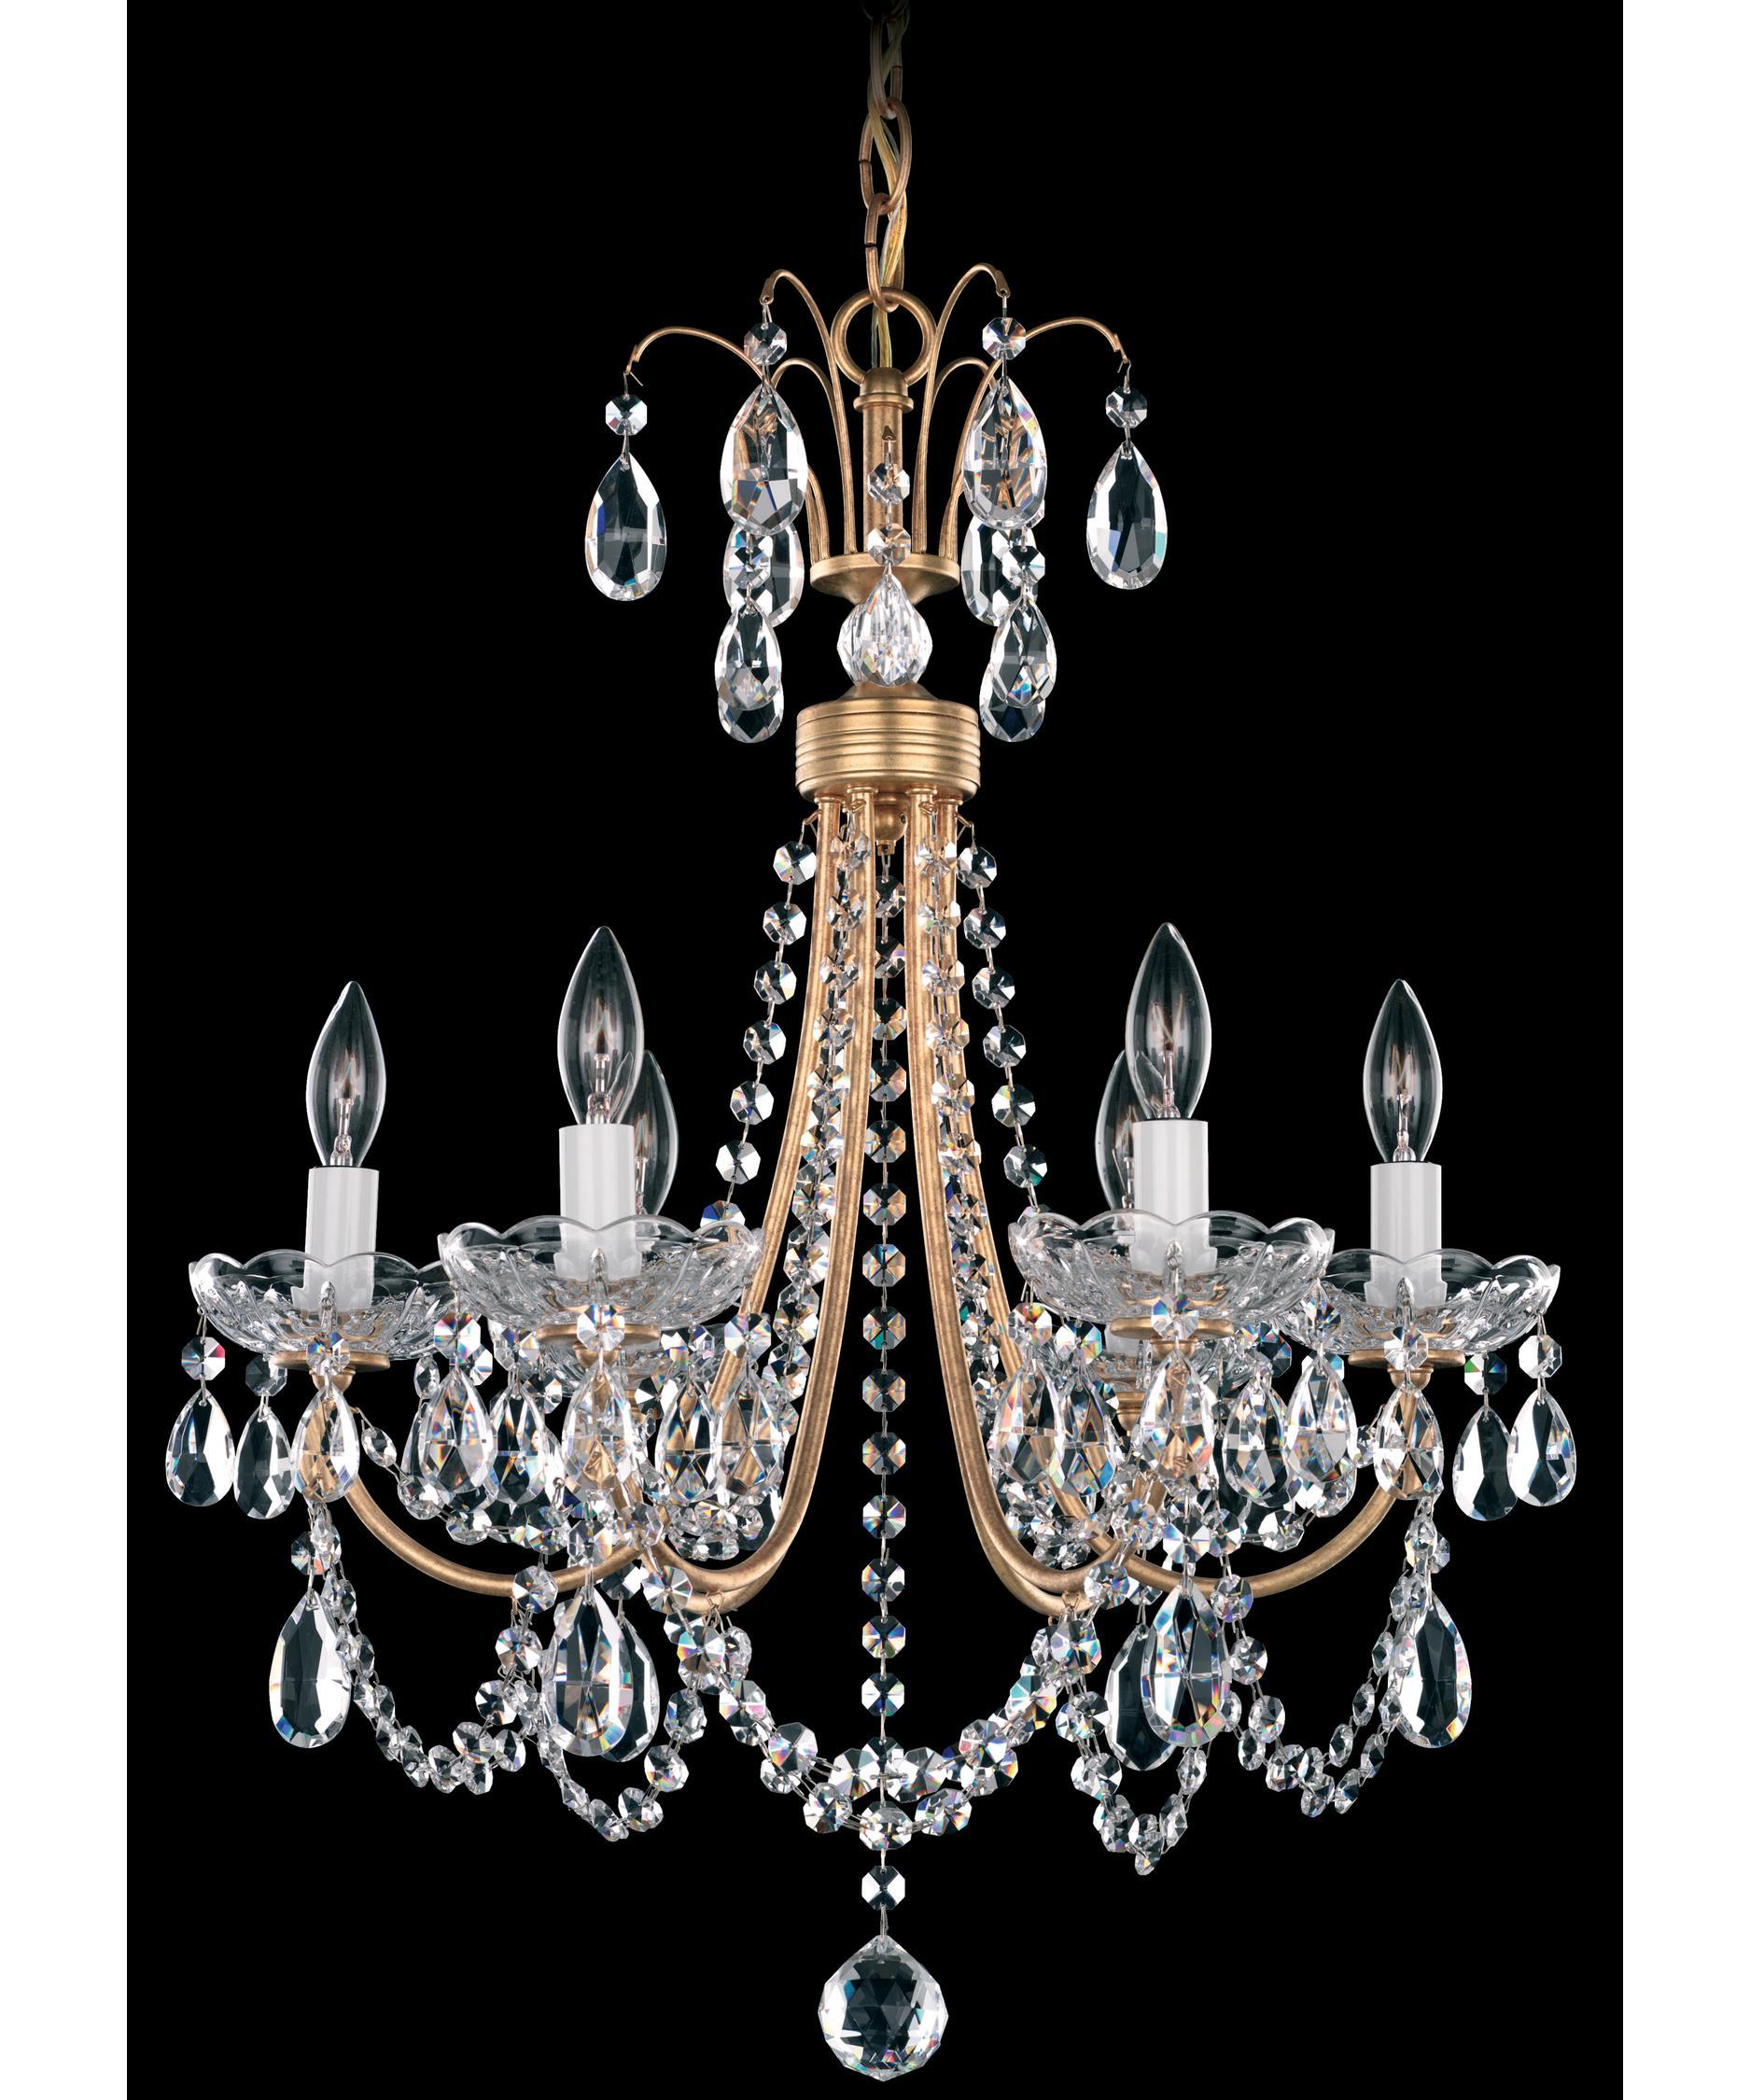 schonbek lu0001 lucia 18 inch wide 6 light mini chandelier capitol lighting - Schonbek Chandelier